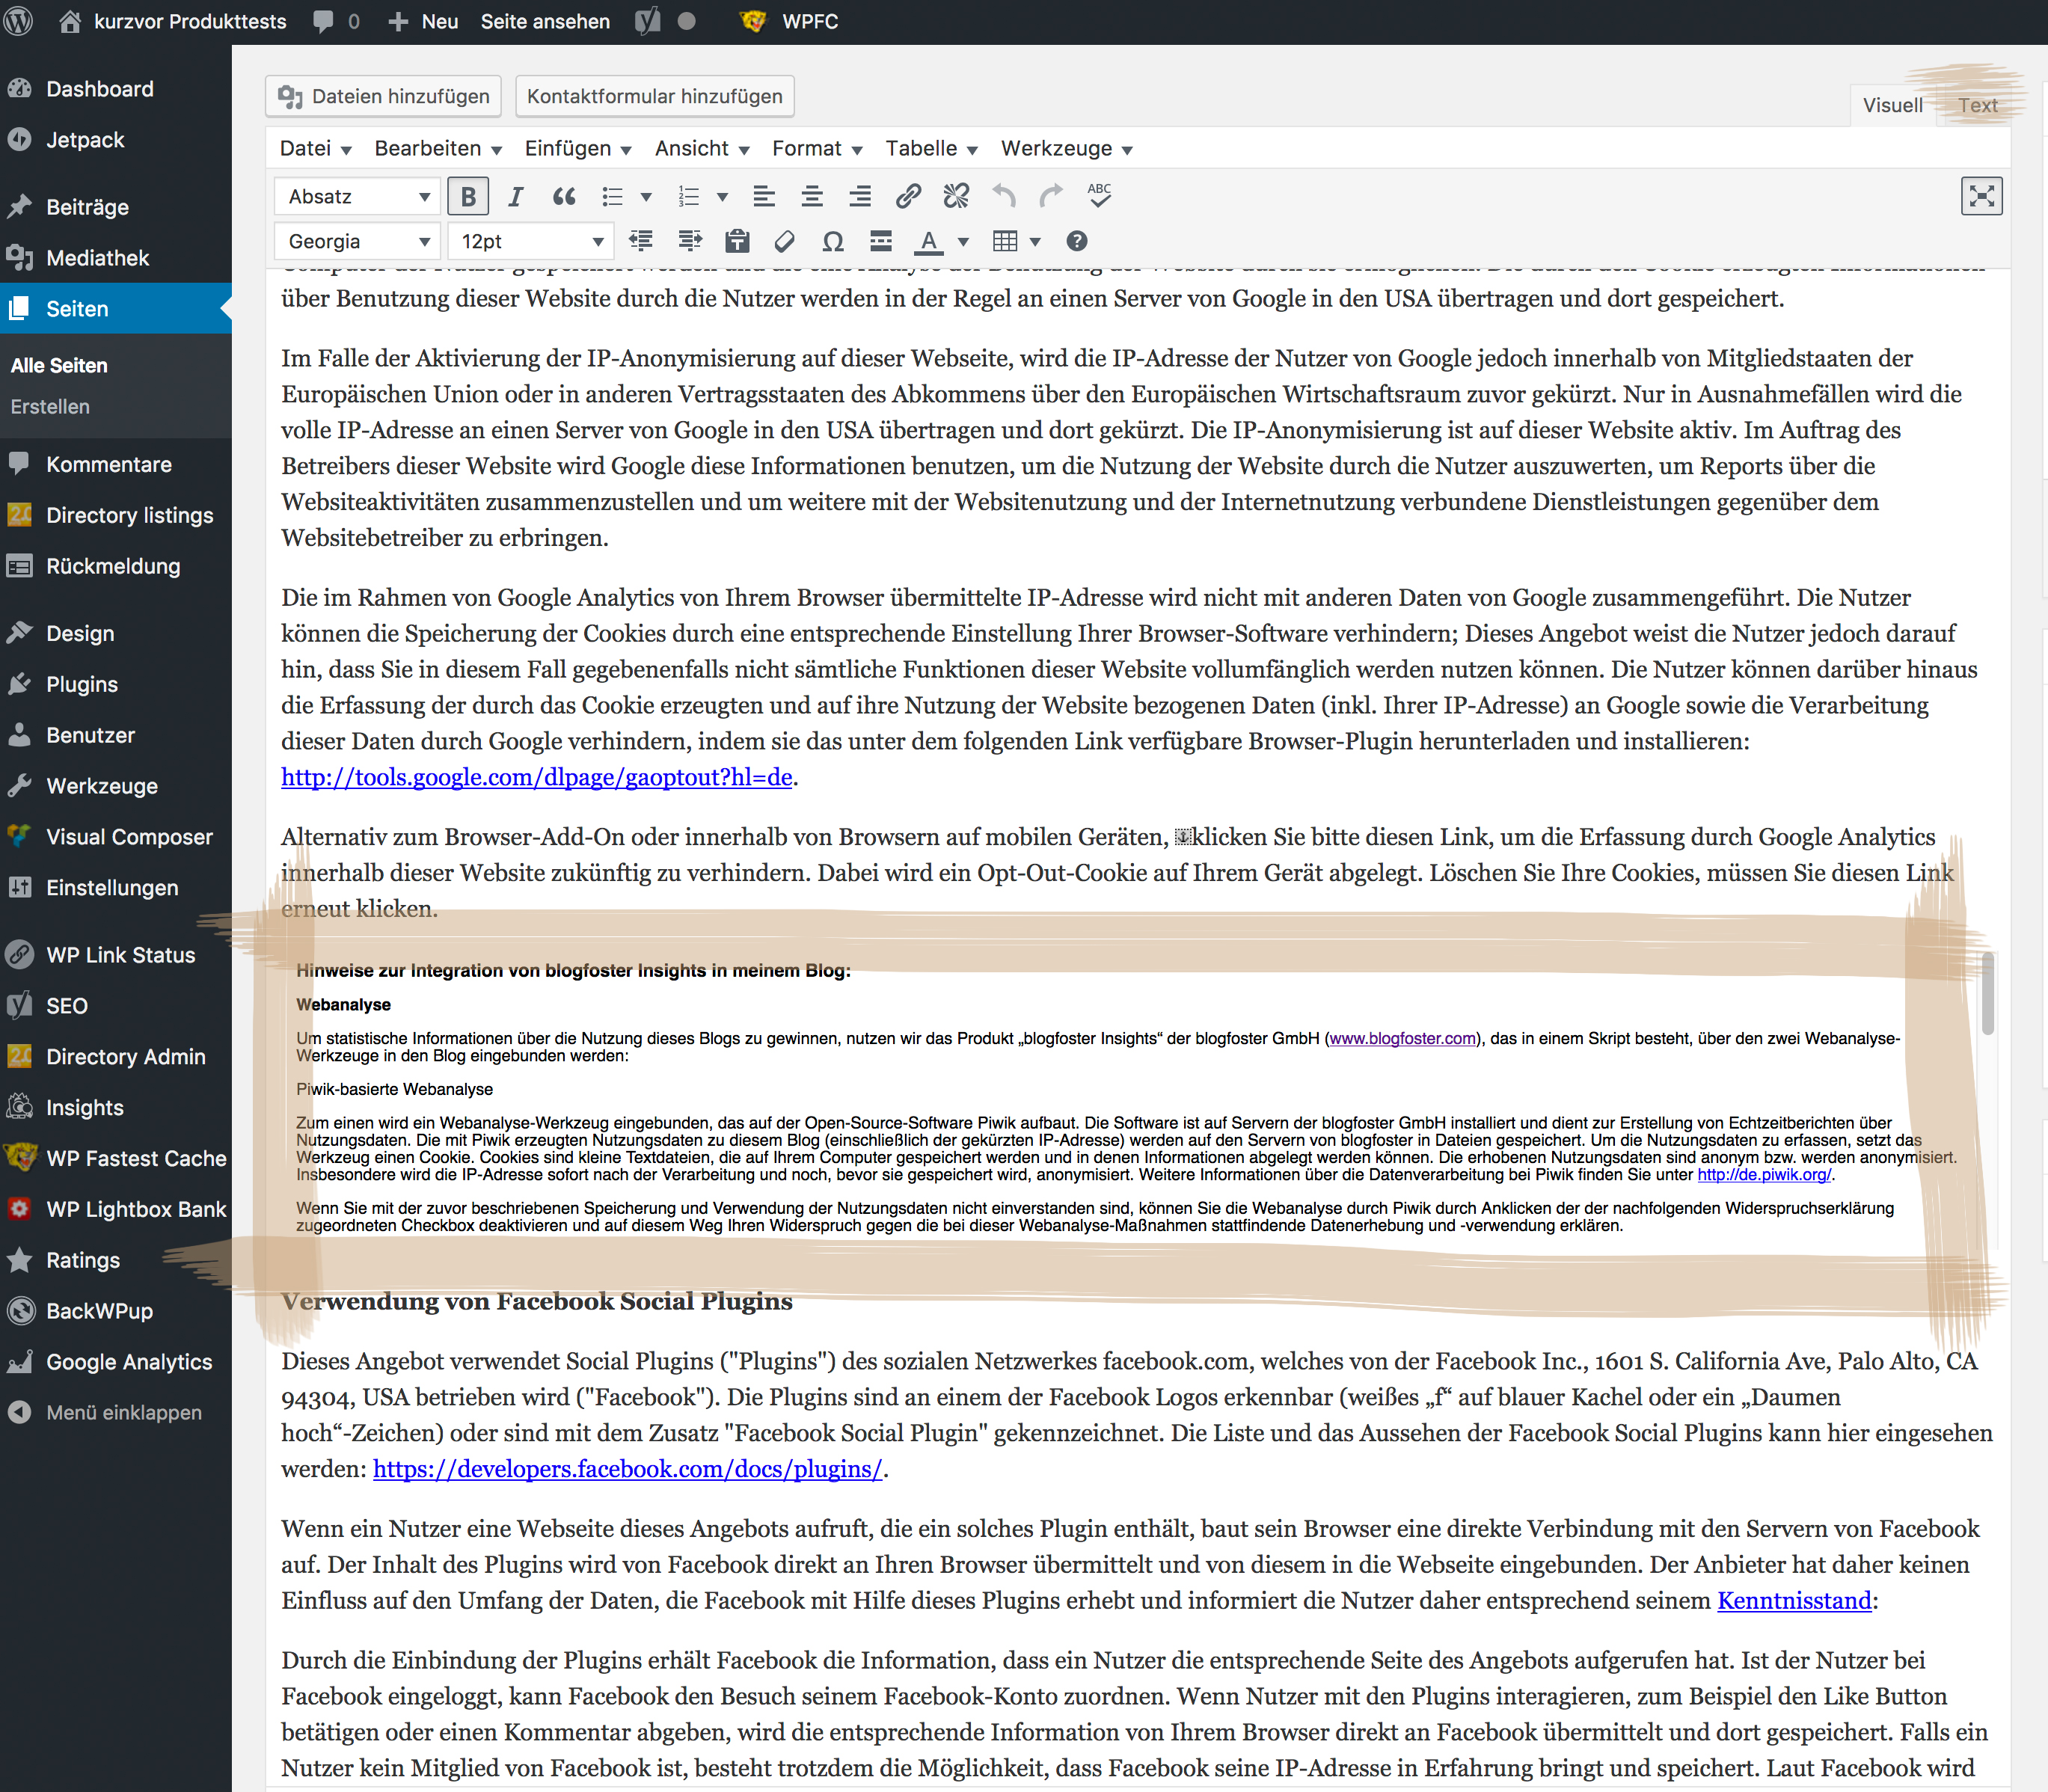 Datenschutz - Das Kleingedruckte bei Blogfoster